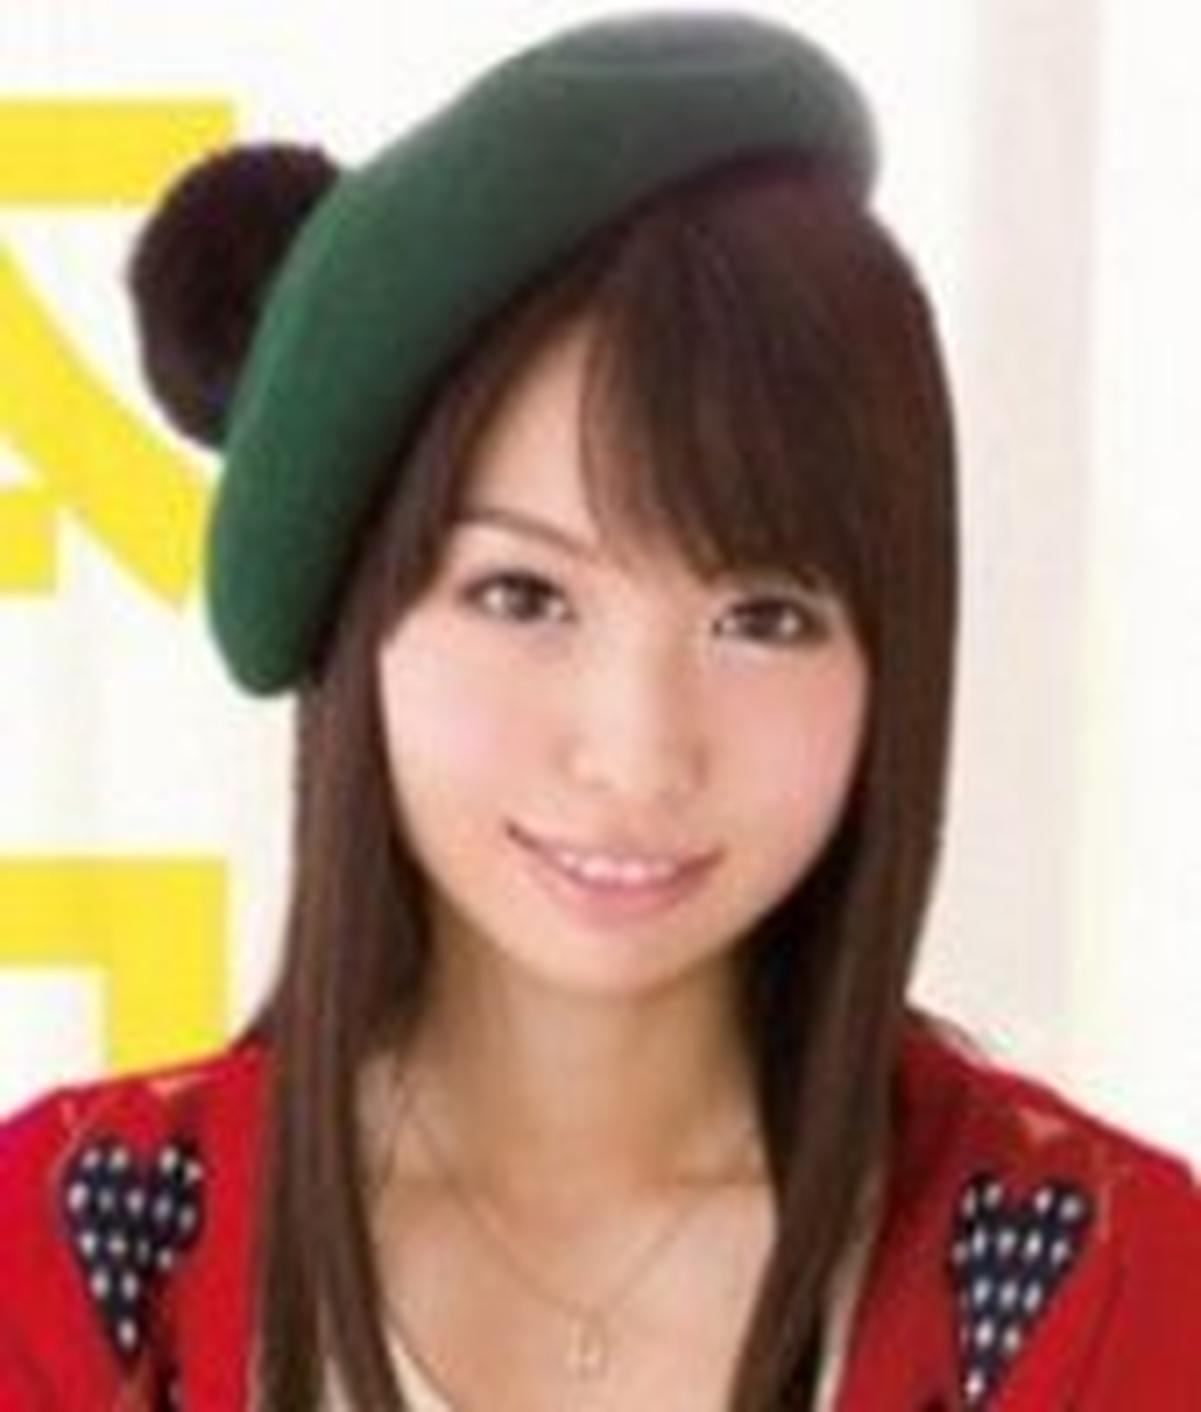 Minami Hirahara